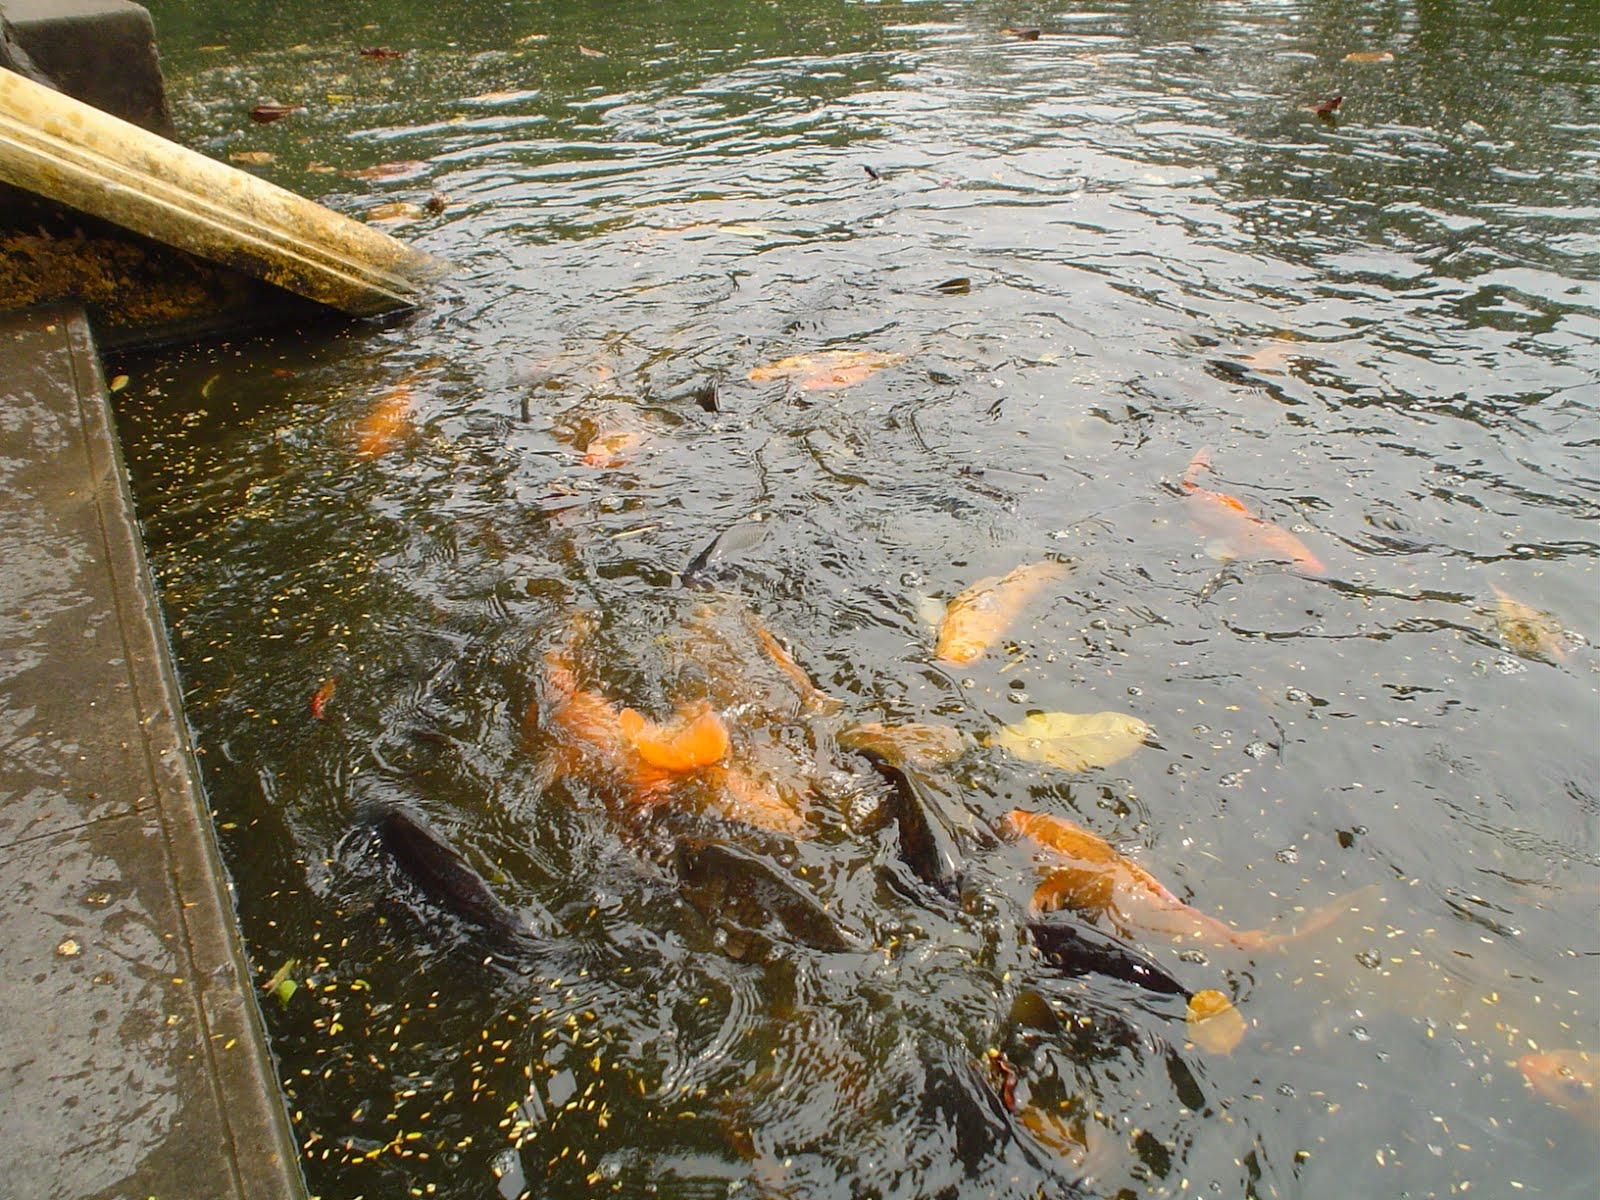 Ho chi minh stilt house in hanoi vietnam for Fish in vietnam